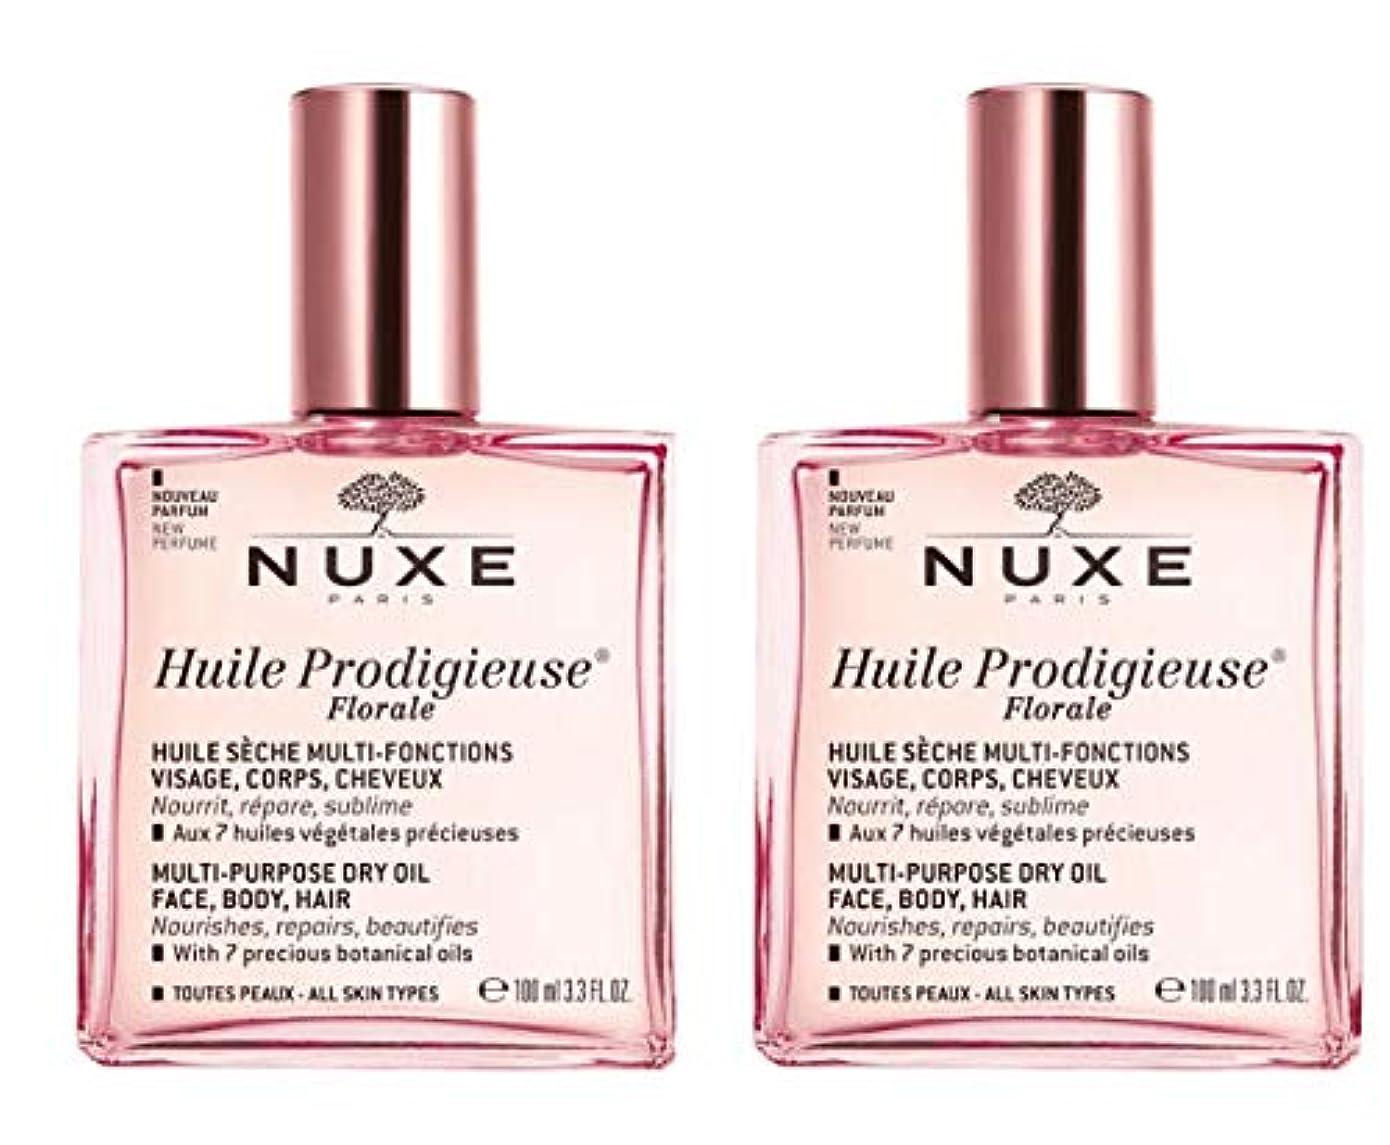 災難コミュニティトランペットニュクス NUXE プロディジュー フローラルオイル 100ml 2本セット 花の香りと共に新発売 海外直送品